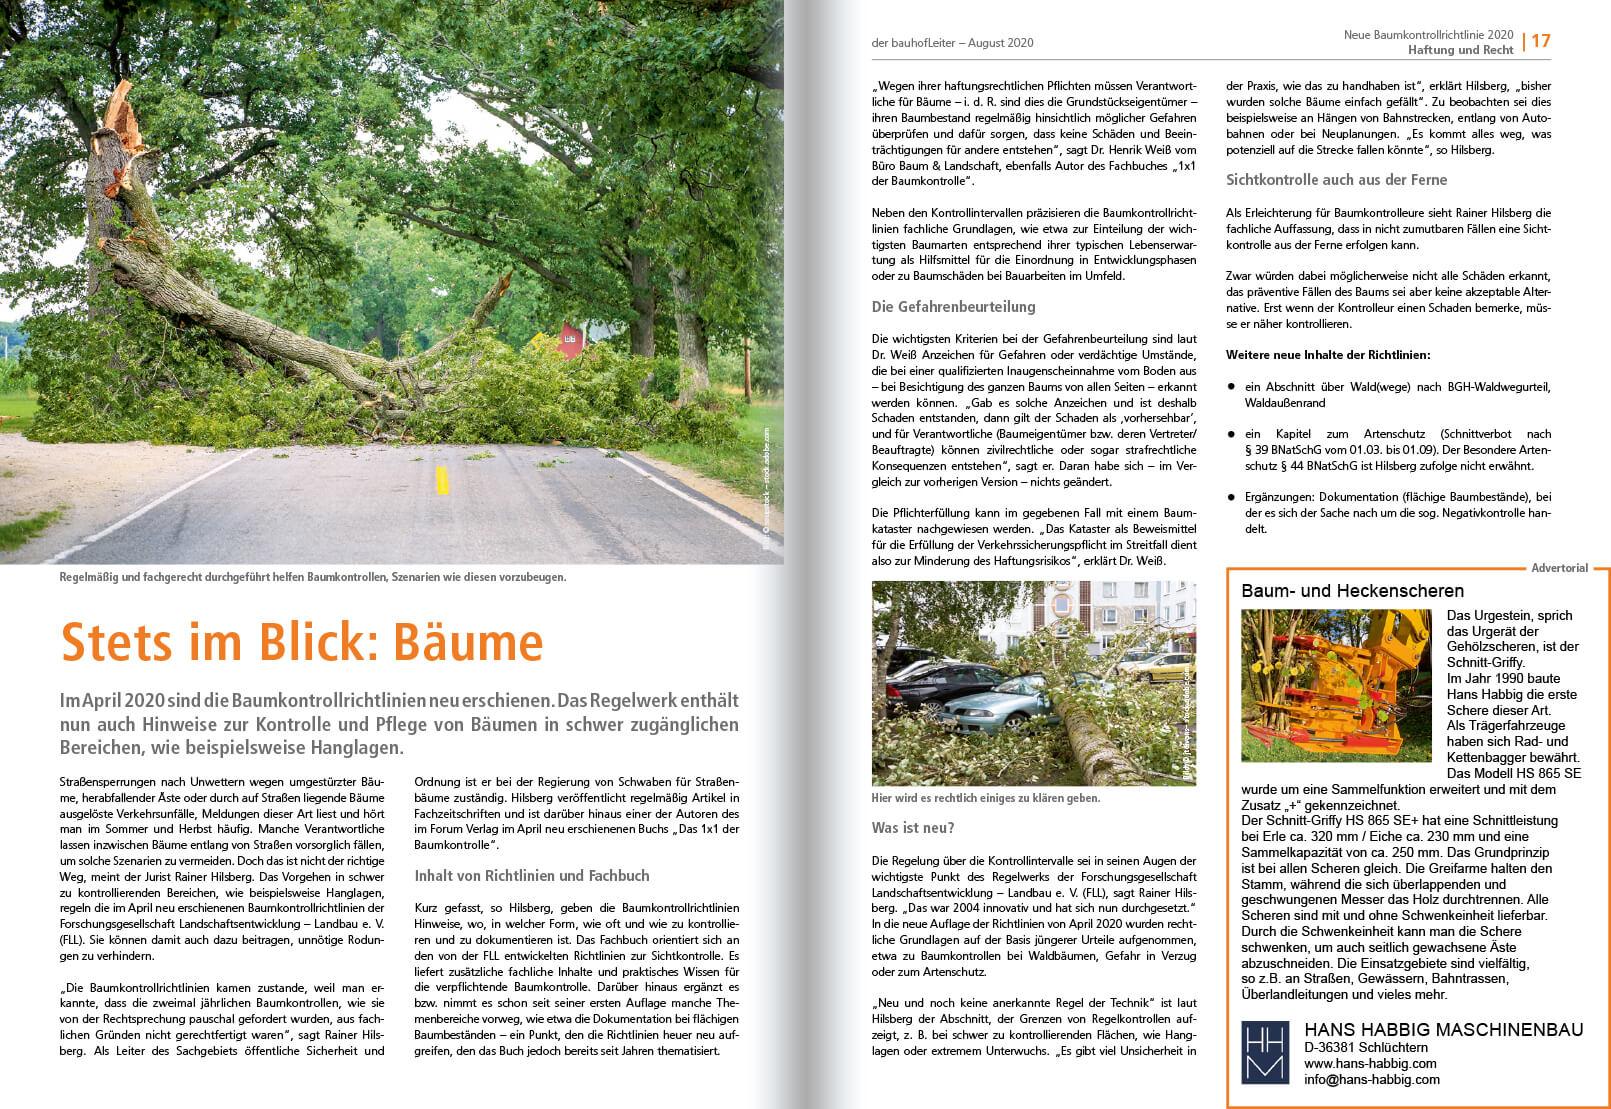 2020-08 Baumkontrollrichtlinie 2020 1